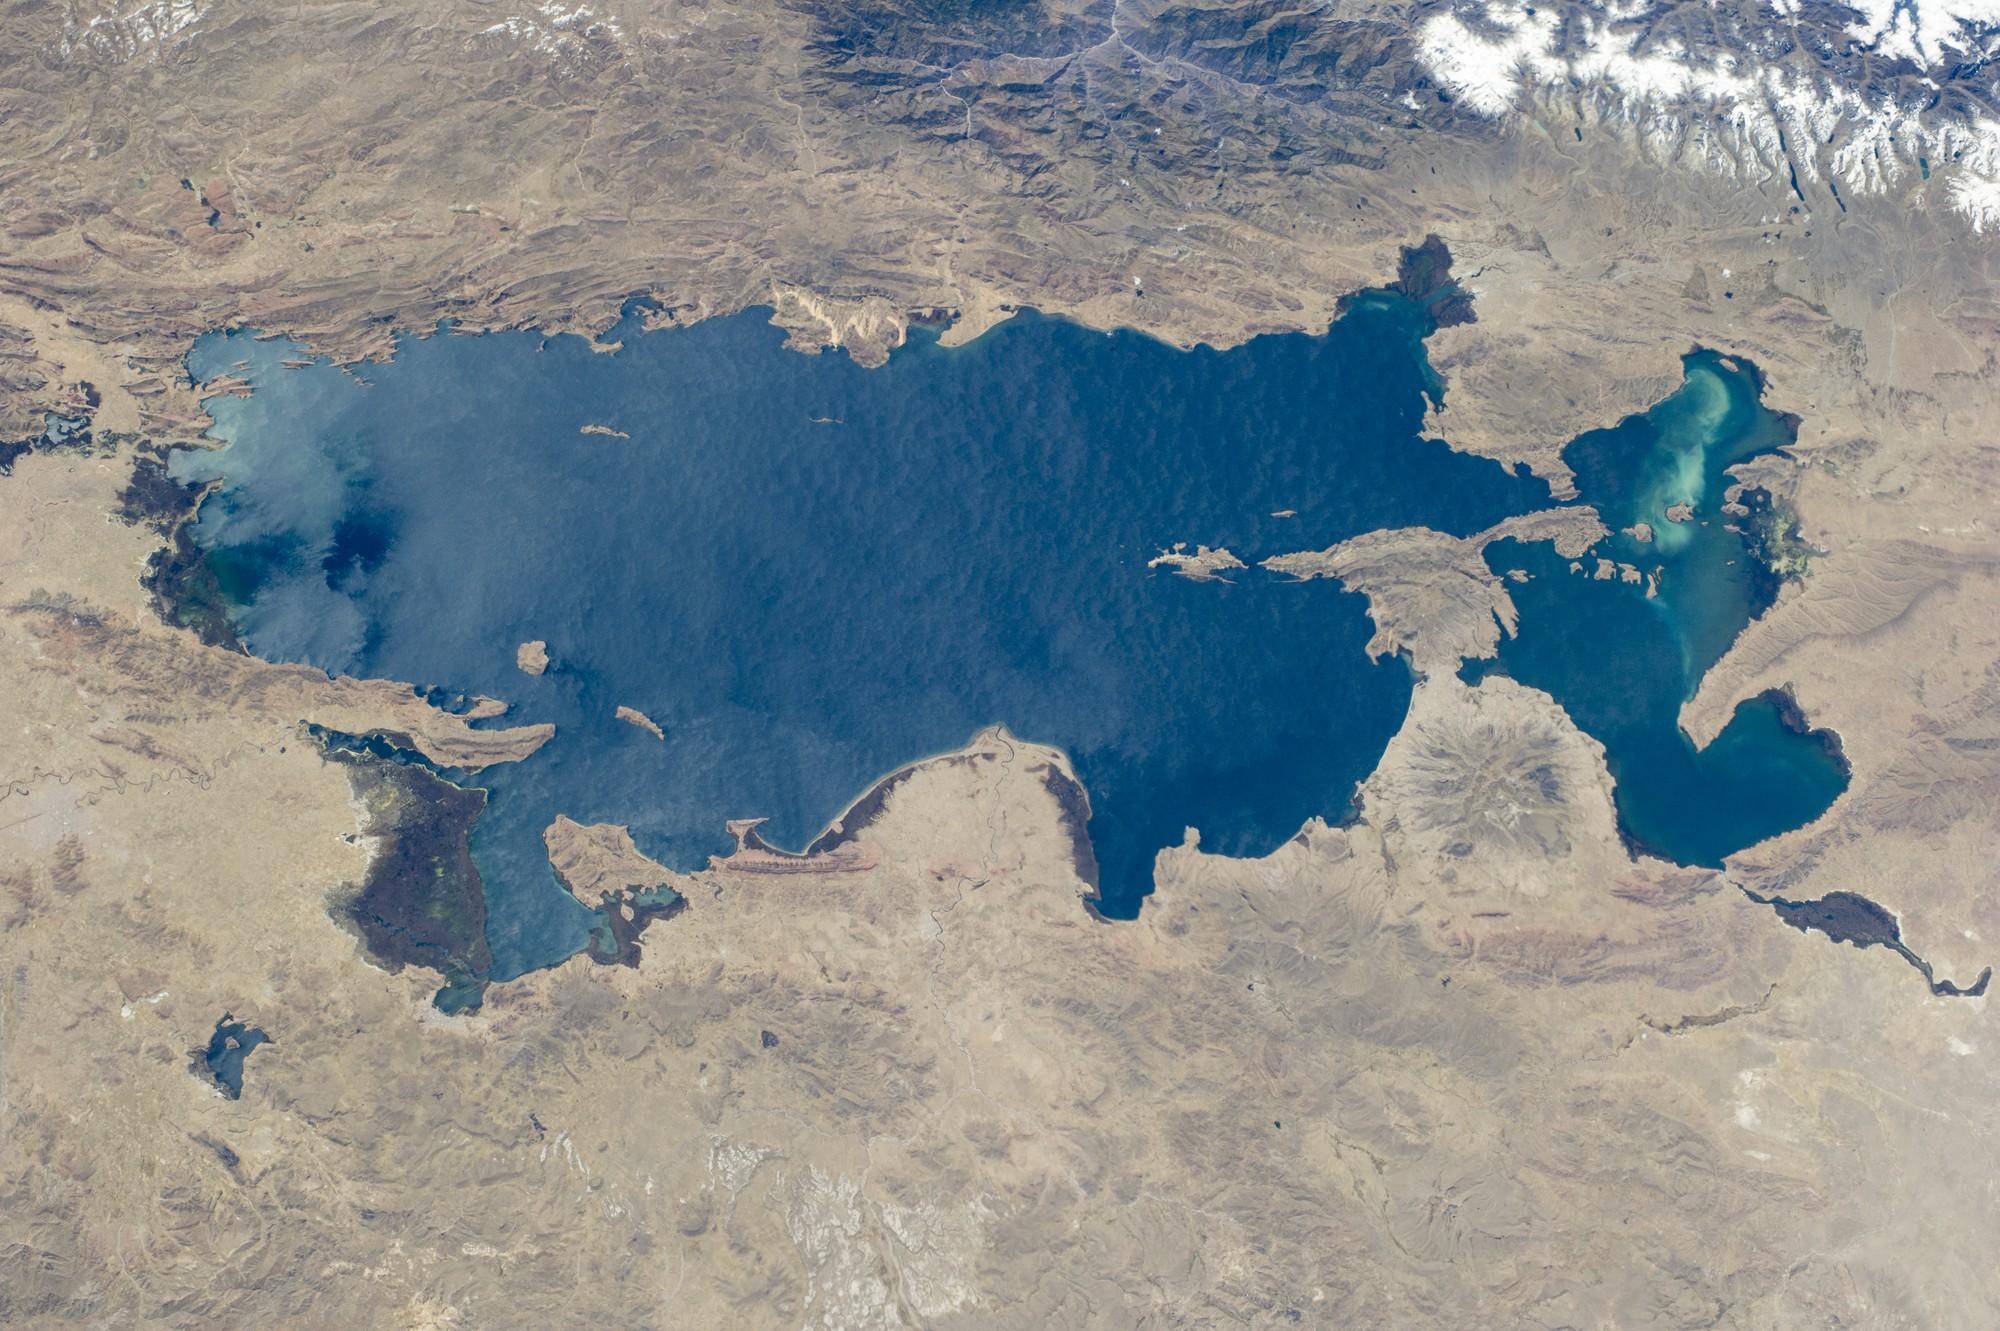 Ghé thăm hồ tử thần nằm tại nơi cao nhất thế giới: Nước mặn đến nỗi lật cả thuyền bè - Ảnh 3.